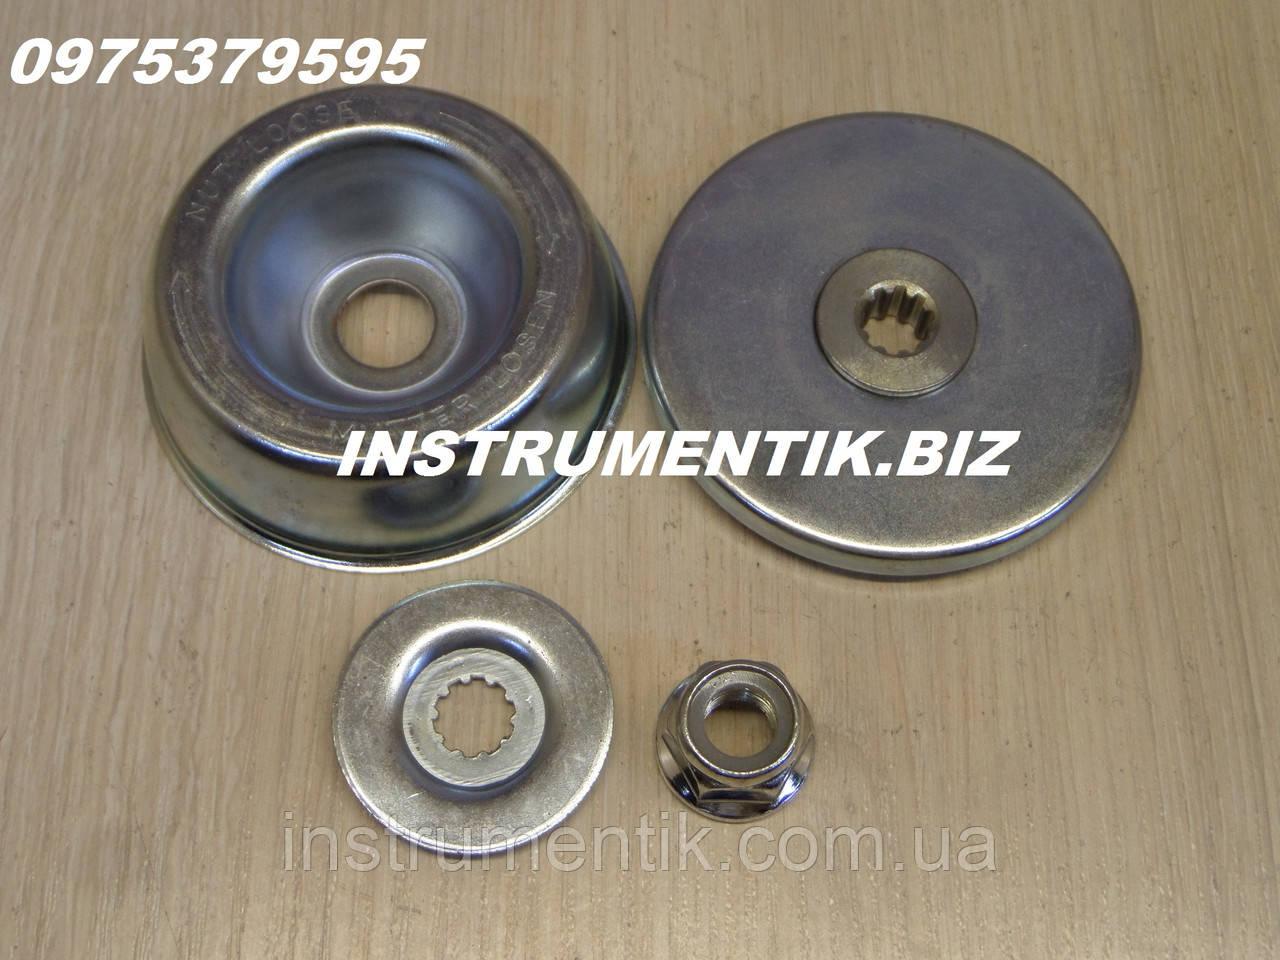 Комплект шайб редуктора для мотокоси Stihl FS 55